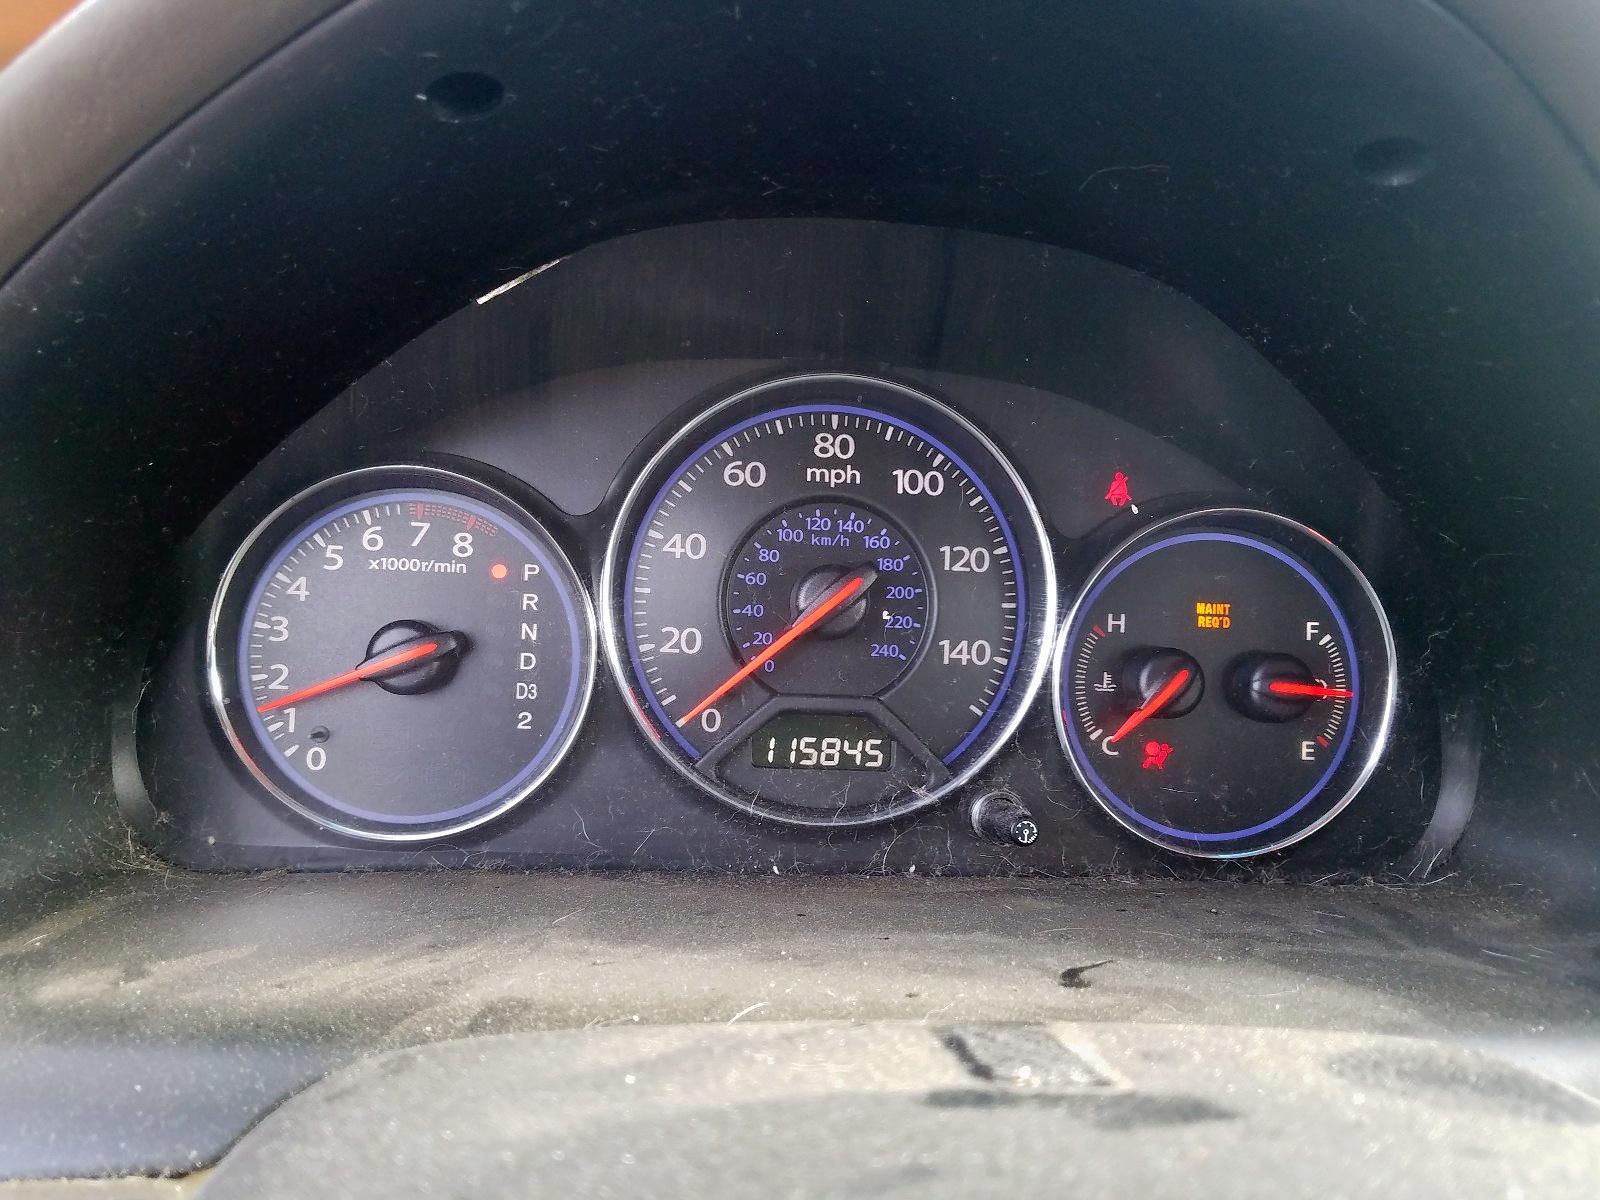 1HGES165X5L030512 - 2005 Honda Civic Lx 1.7L front view